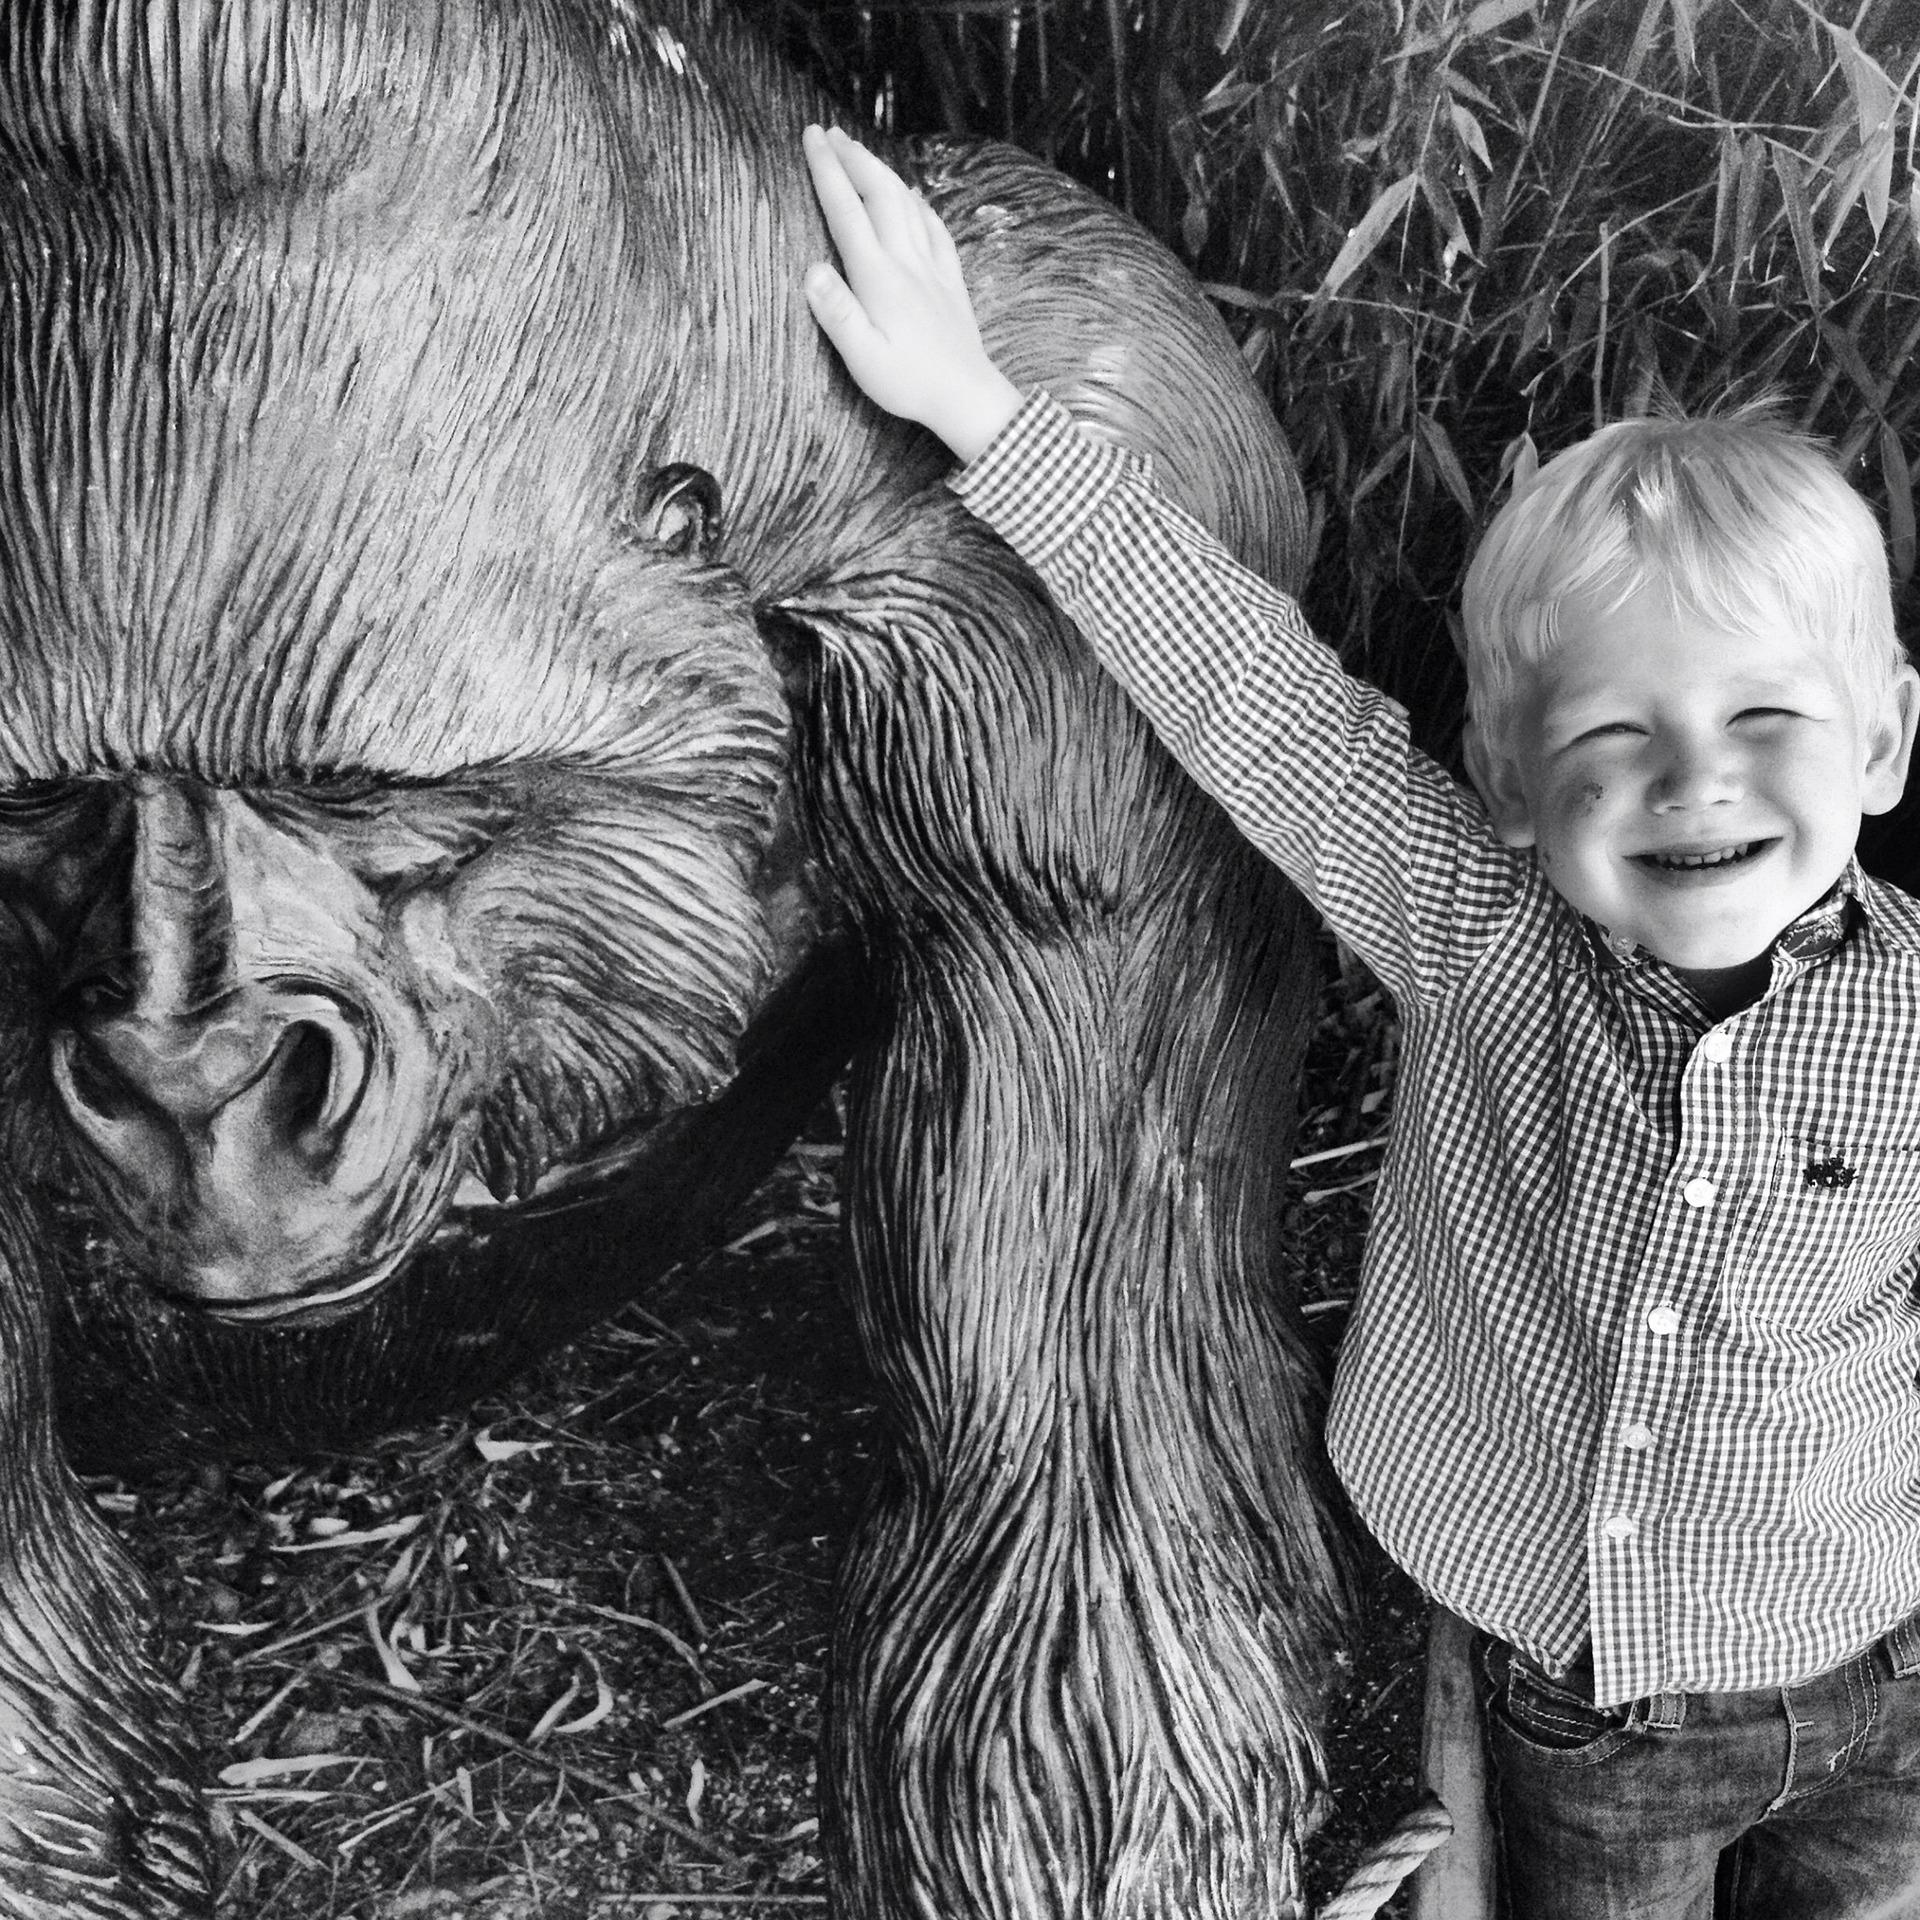 goryl i dziecko, selektywna uwaga